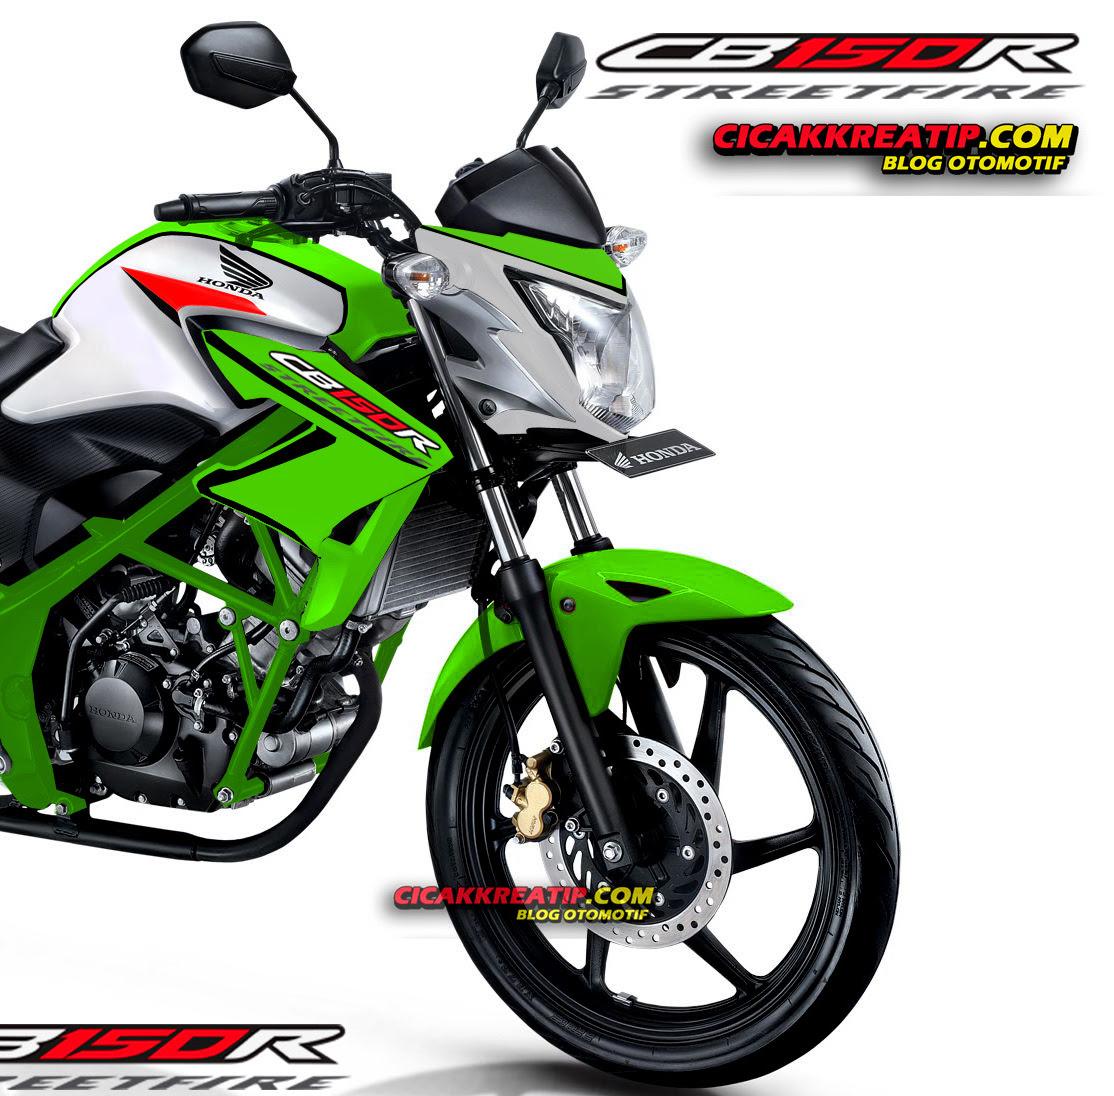 Honda CB 150R Modif CB 150R Ala Cicakkreatipcom Cicakkreatipcom